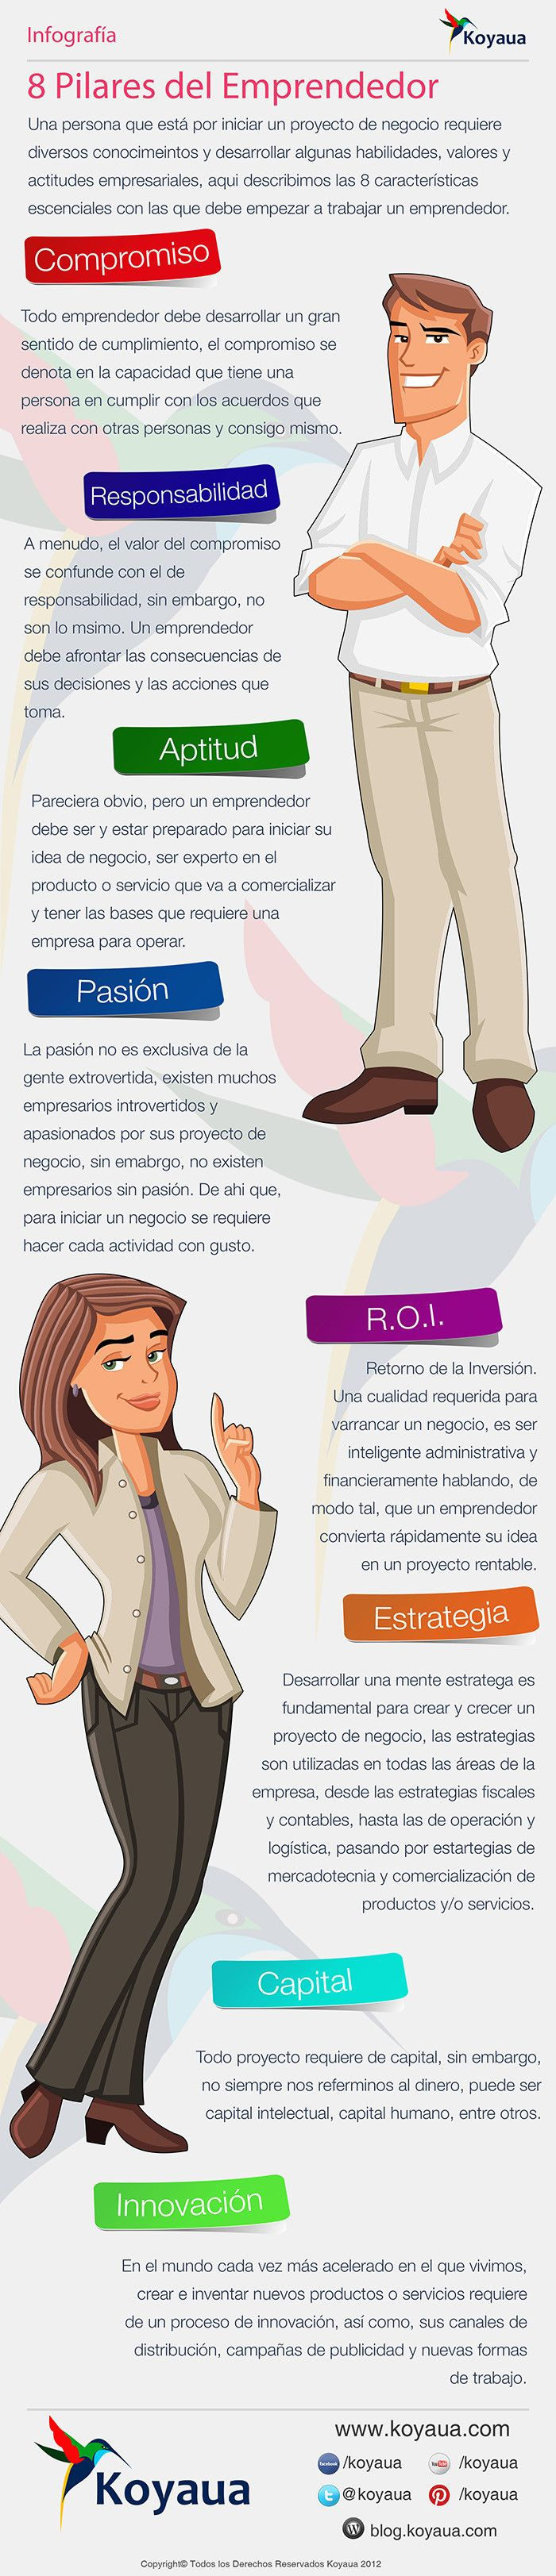 Los 8 pilares del emprendedor | Negocios Y Emprendimiento